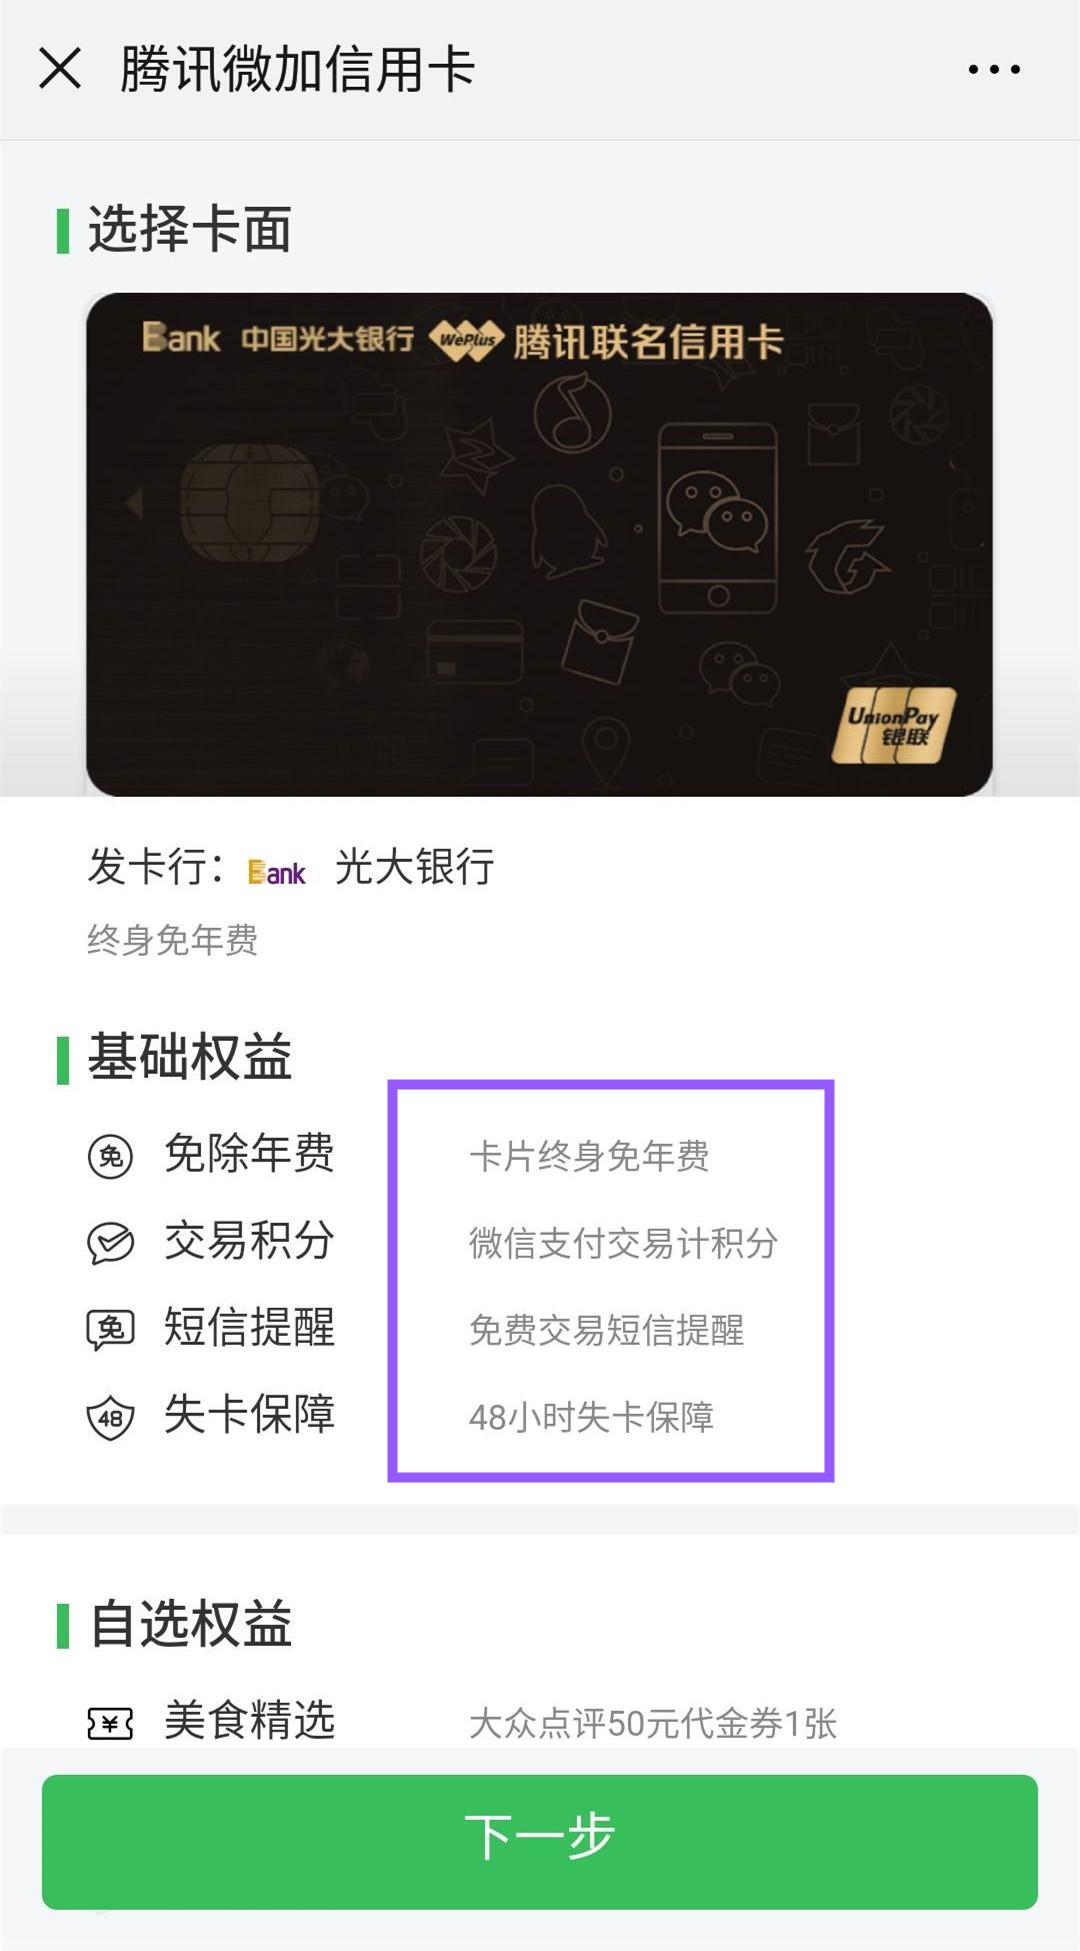 腾讯微加信用卡出新卡了 & 现申请腾讯微加卡享1000元豪礼!